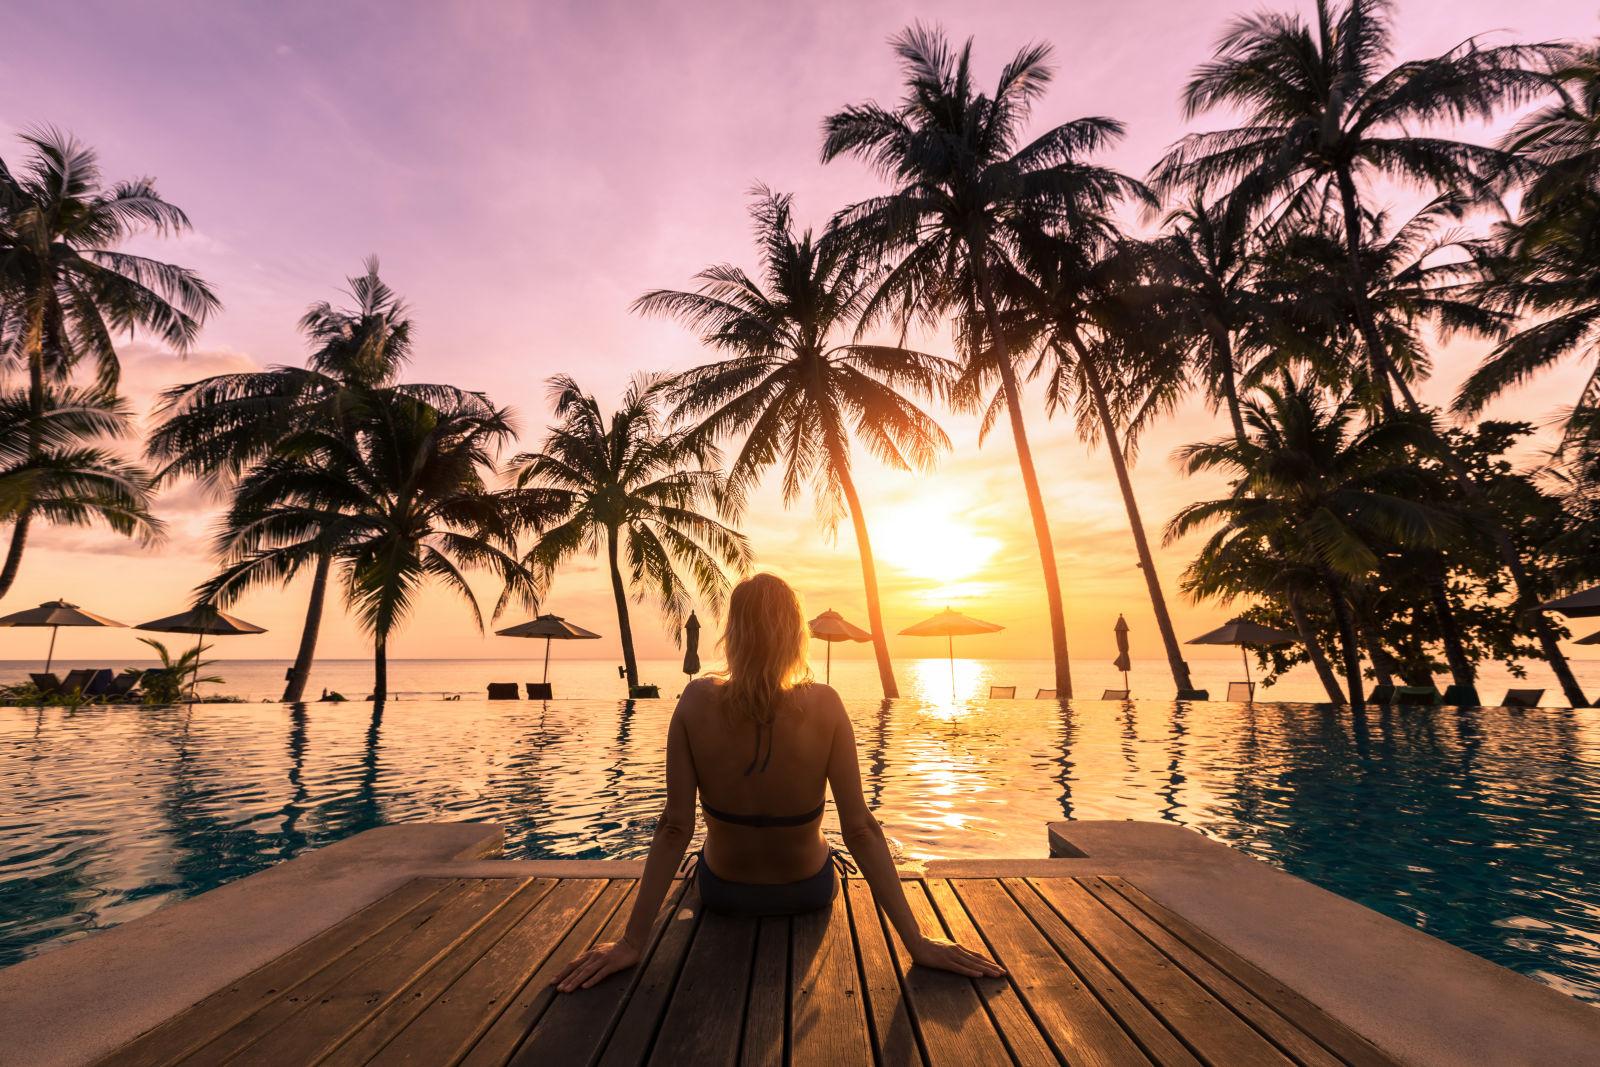 Eine Frau am Pool und Palmen bei Sonnenuntergang Thailand